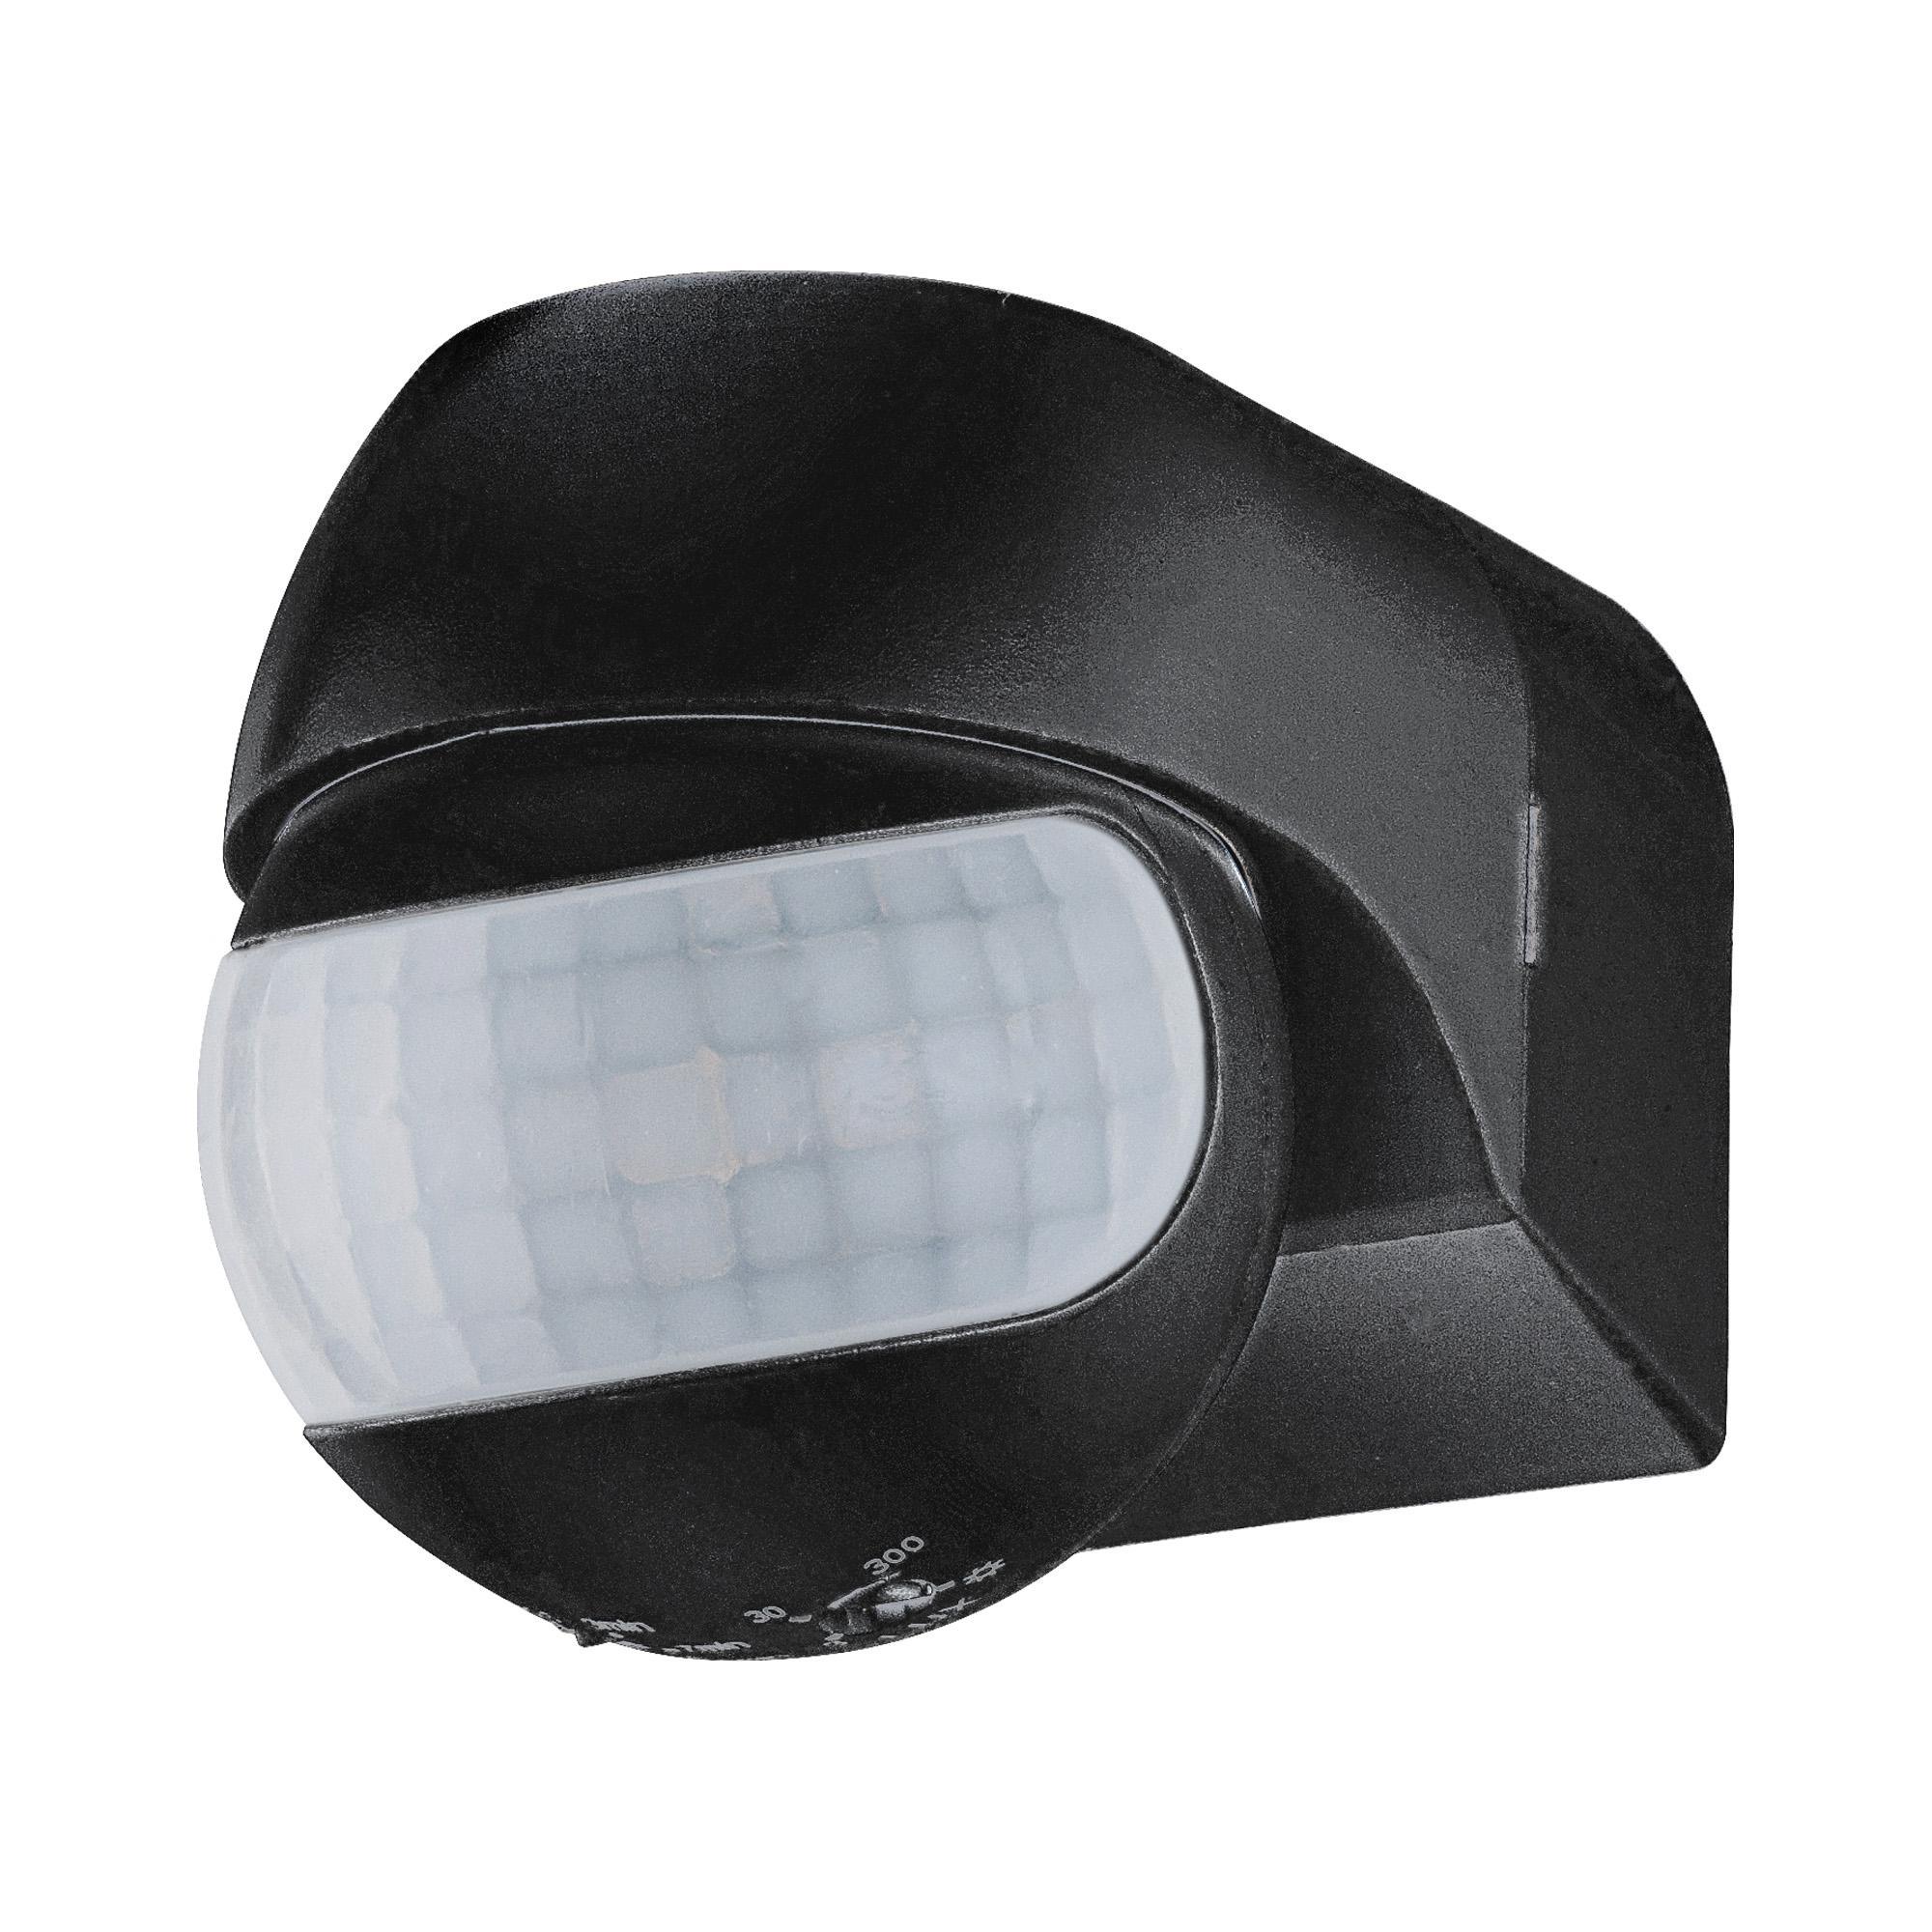 SNS-M-10 12m 1,8-2,5m 800W IP54 180 Черный